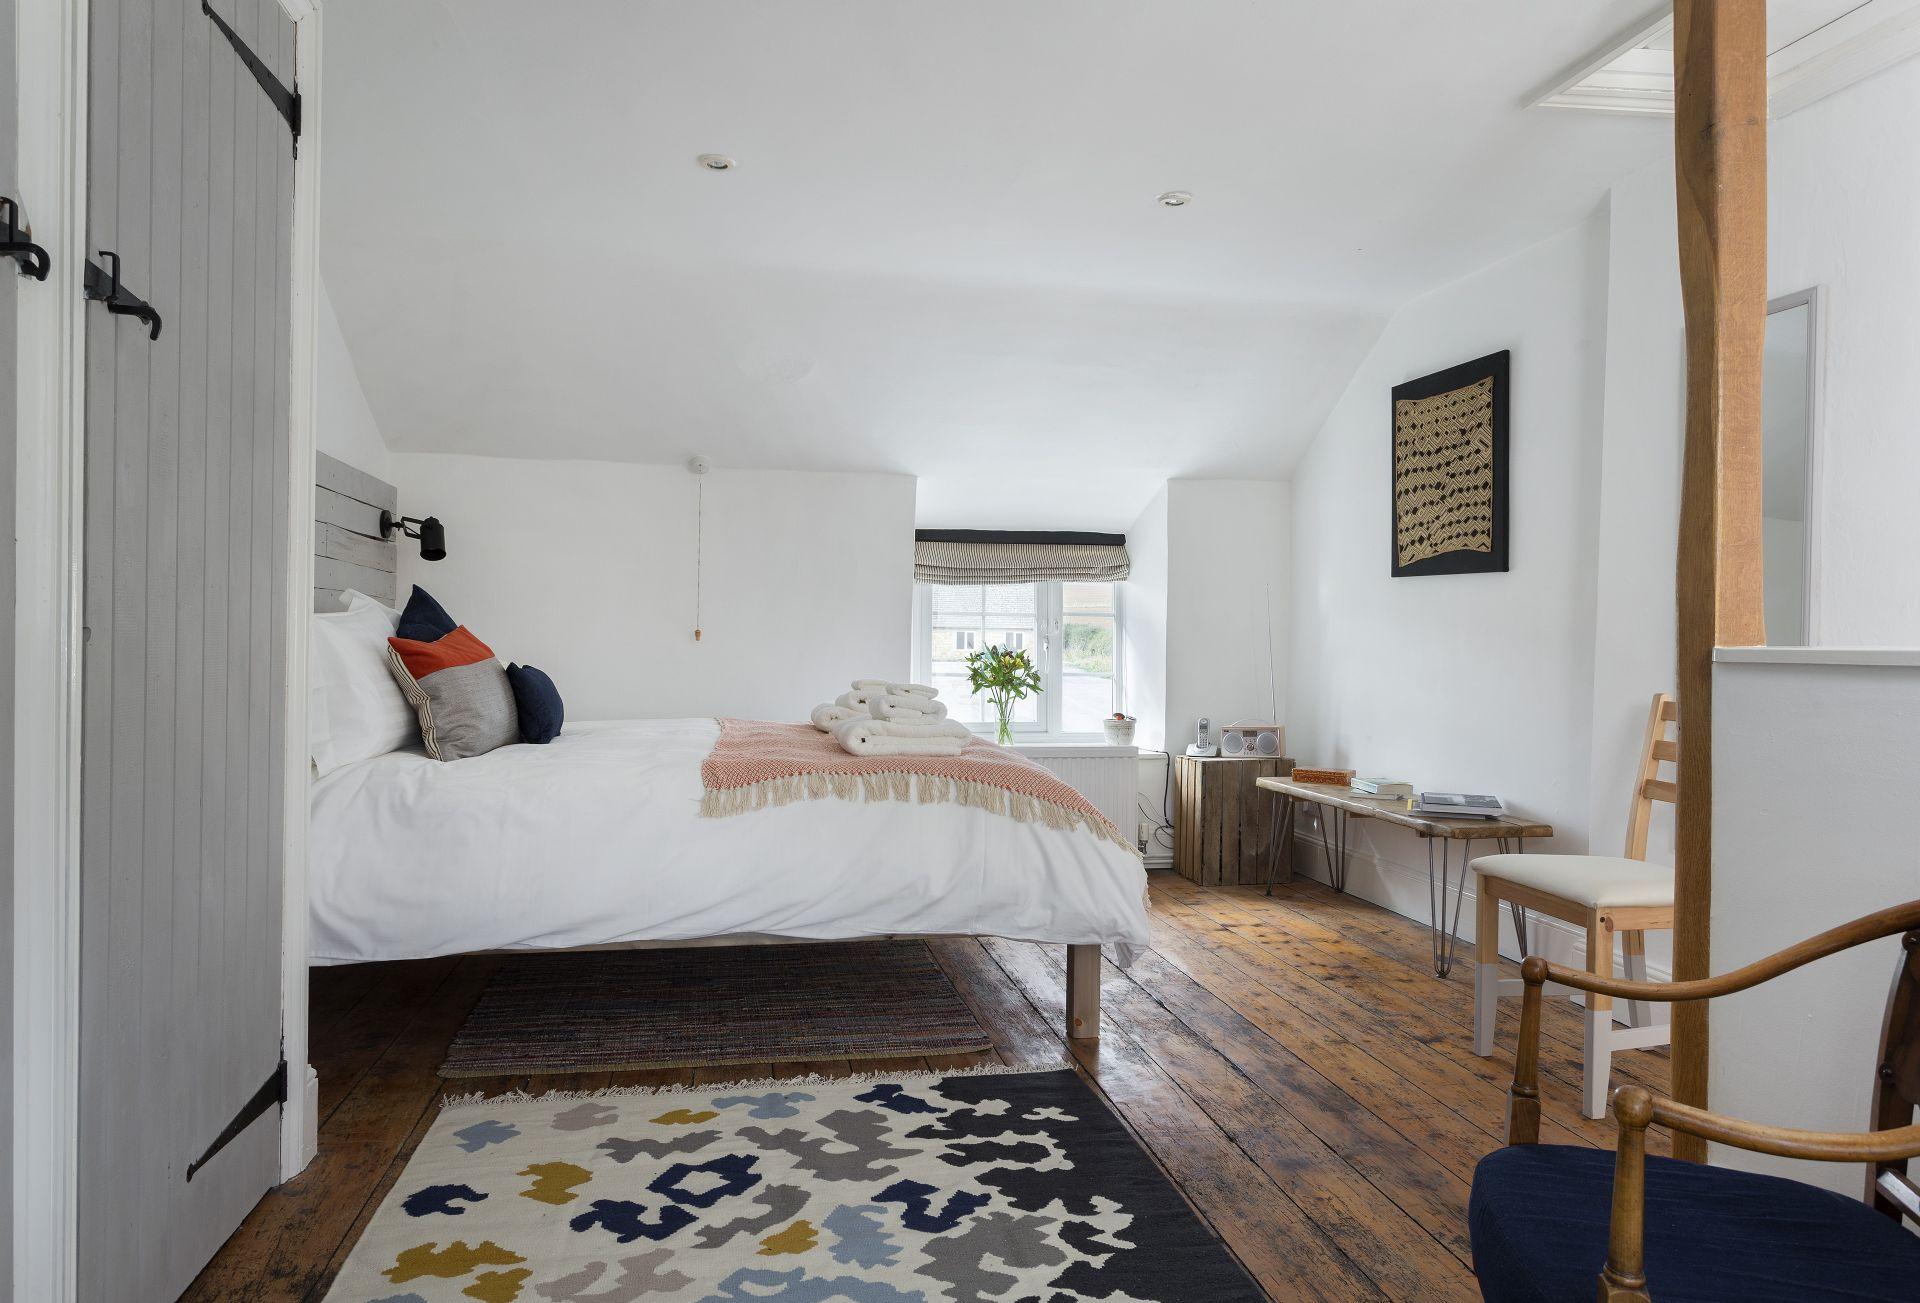 Second floor: King-size bedroom